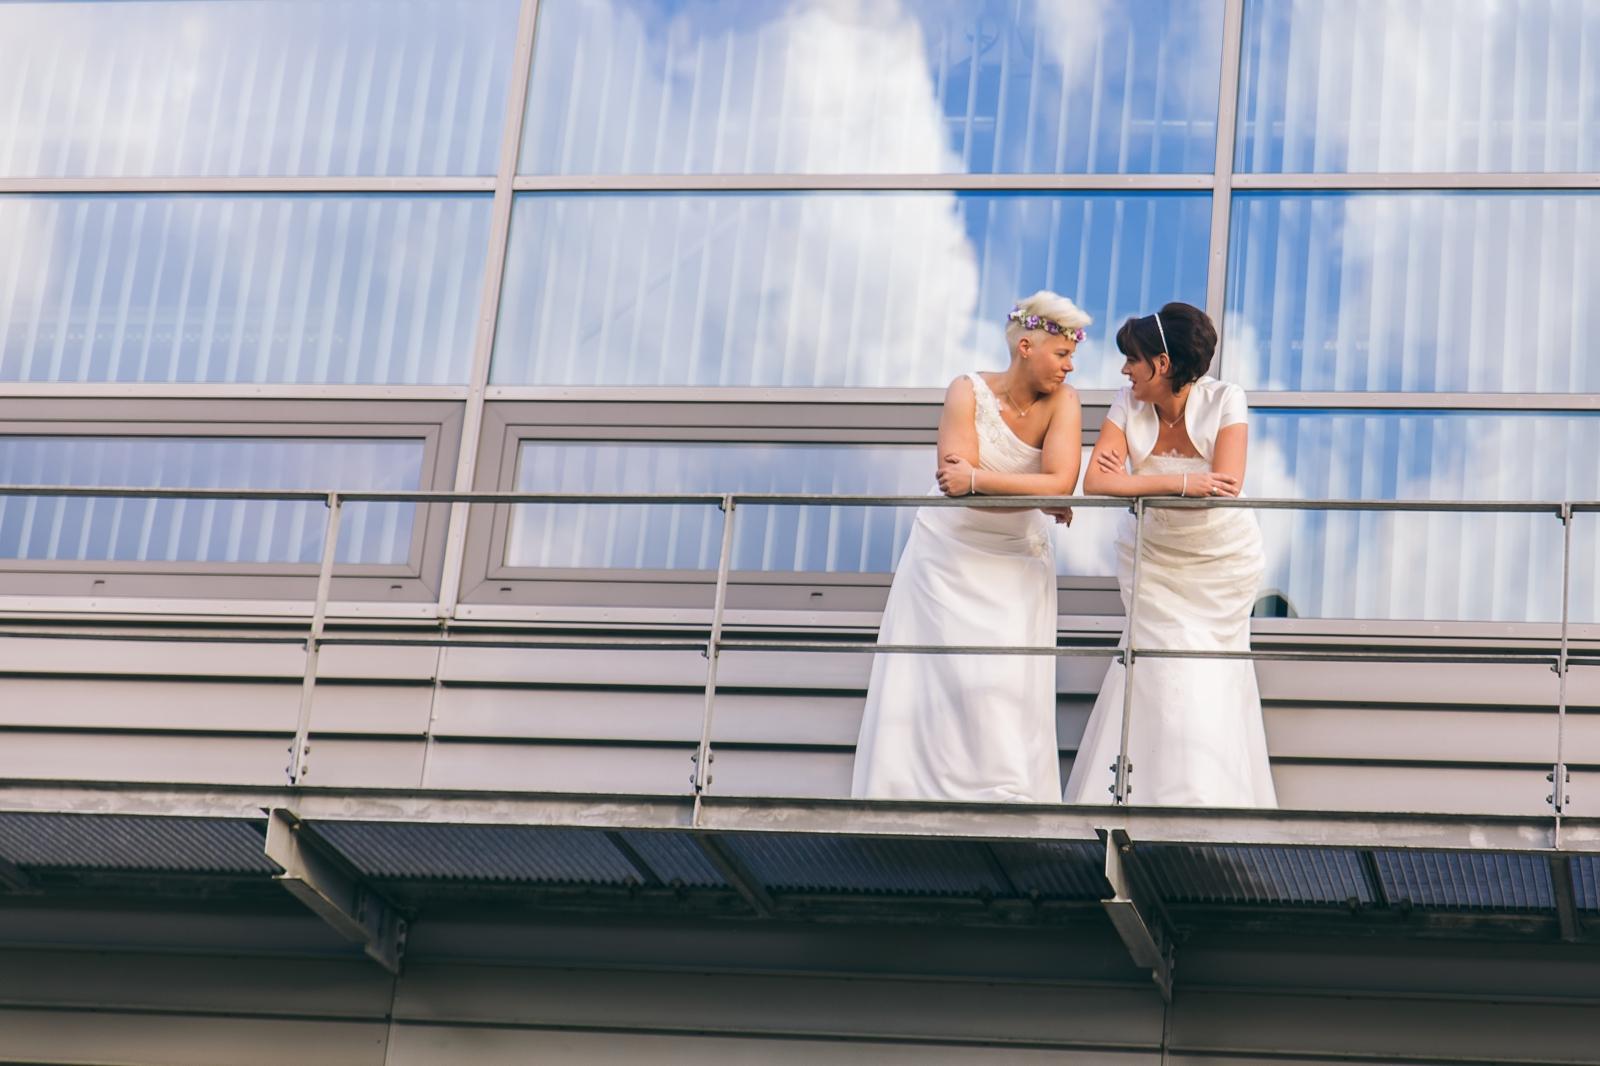 Monstergraphie_Hochzeitsreportage_Essen_Zeche_Zollverein29.jpg?fit=1600%2C1066